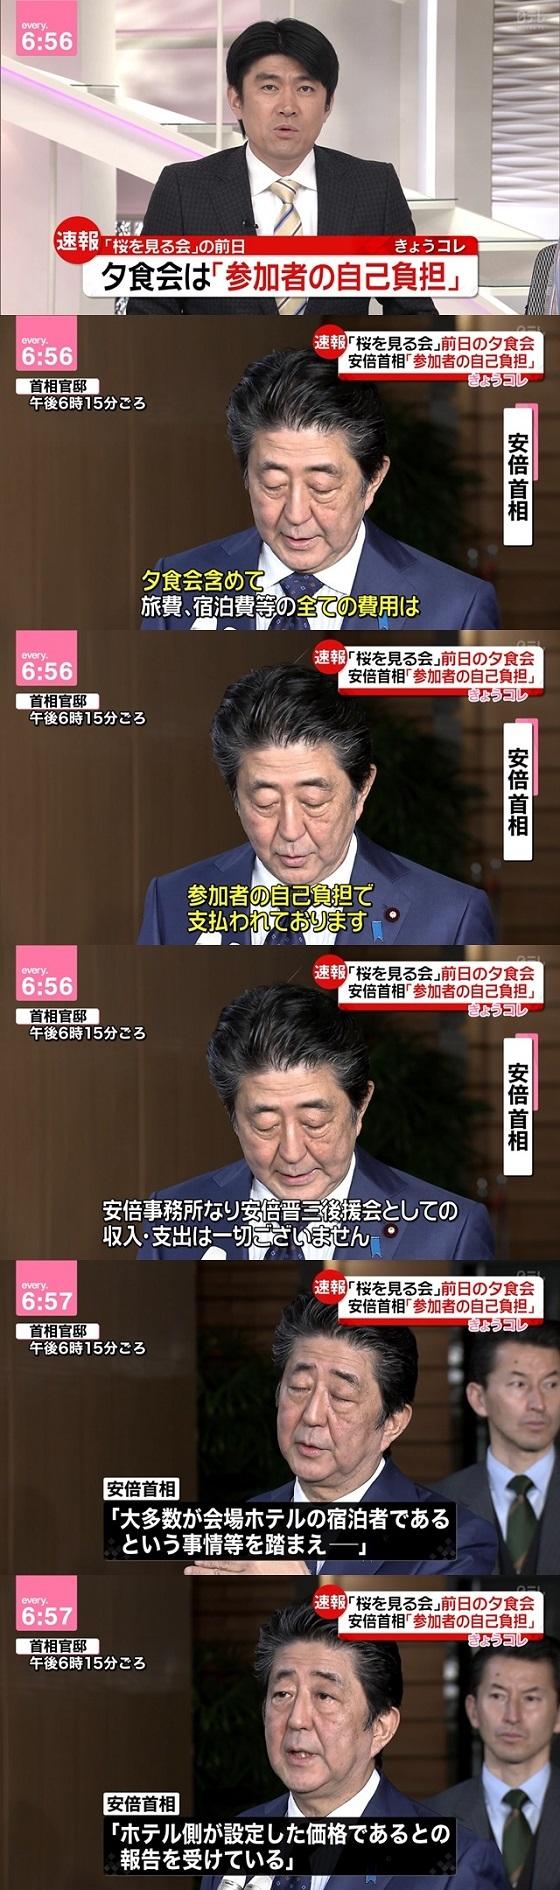 【安倍首相】桜を見る会「すべての費用は参加者の自己負担」「夕食会の5000円、ホテル側が設定した価格」